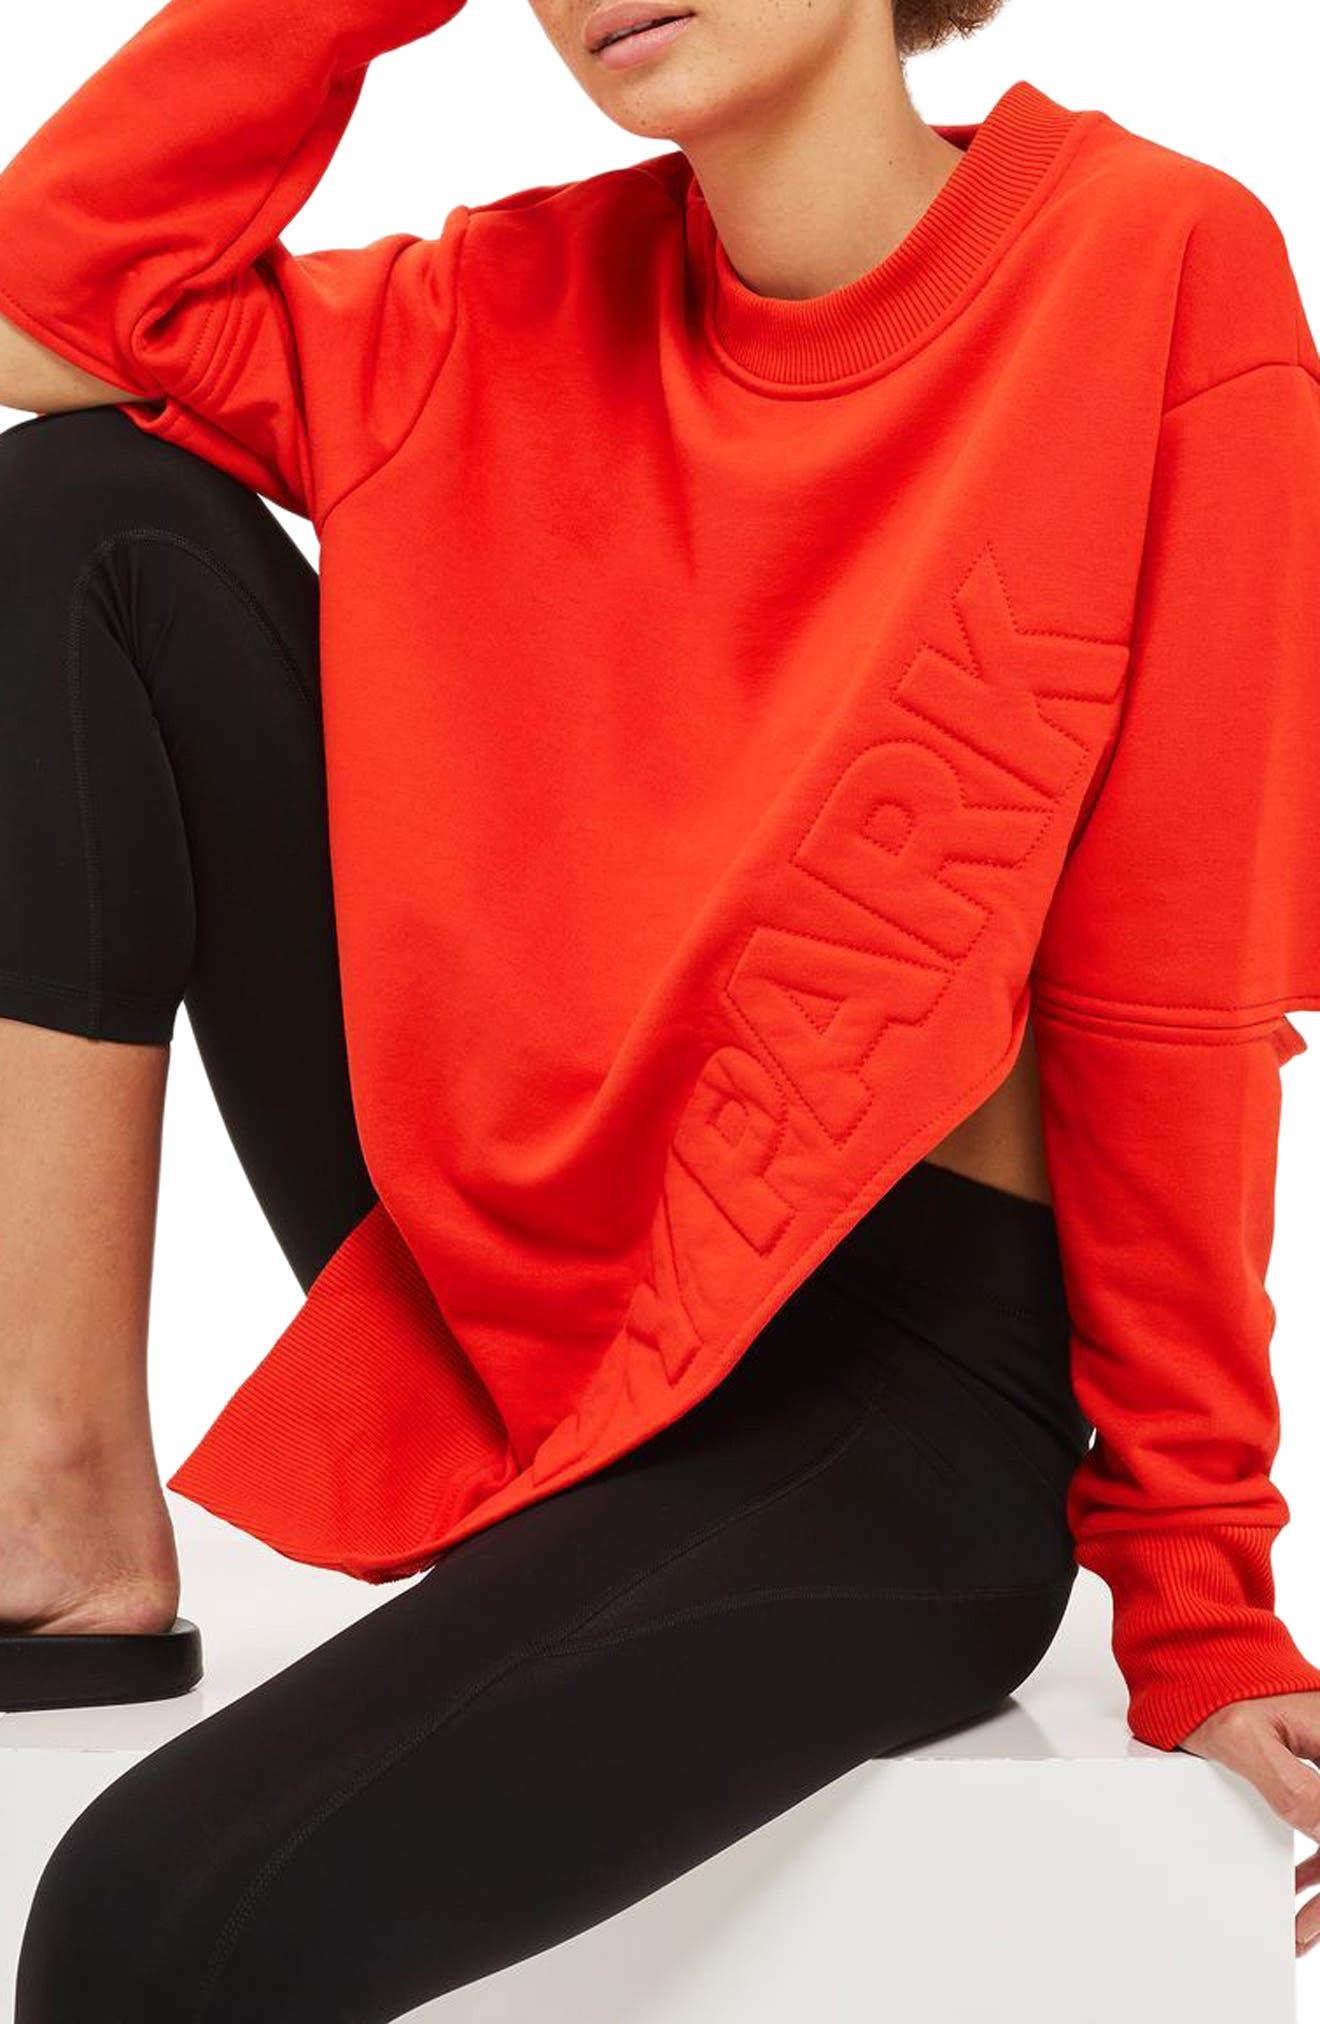 Alternate Image 1 Selected - IVY PARK® Logo Embossed Sliced Sweatshirt